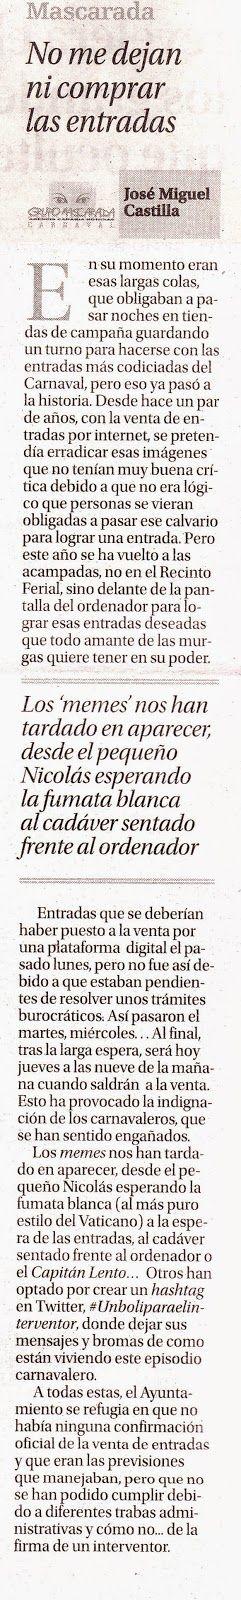 Grupo Mascarada Carnaval: Hoy estrenamos en el periódico La Opinión de Tener...